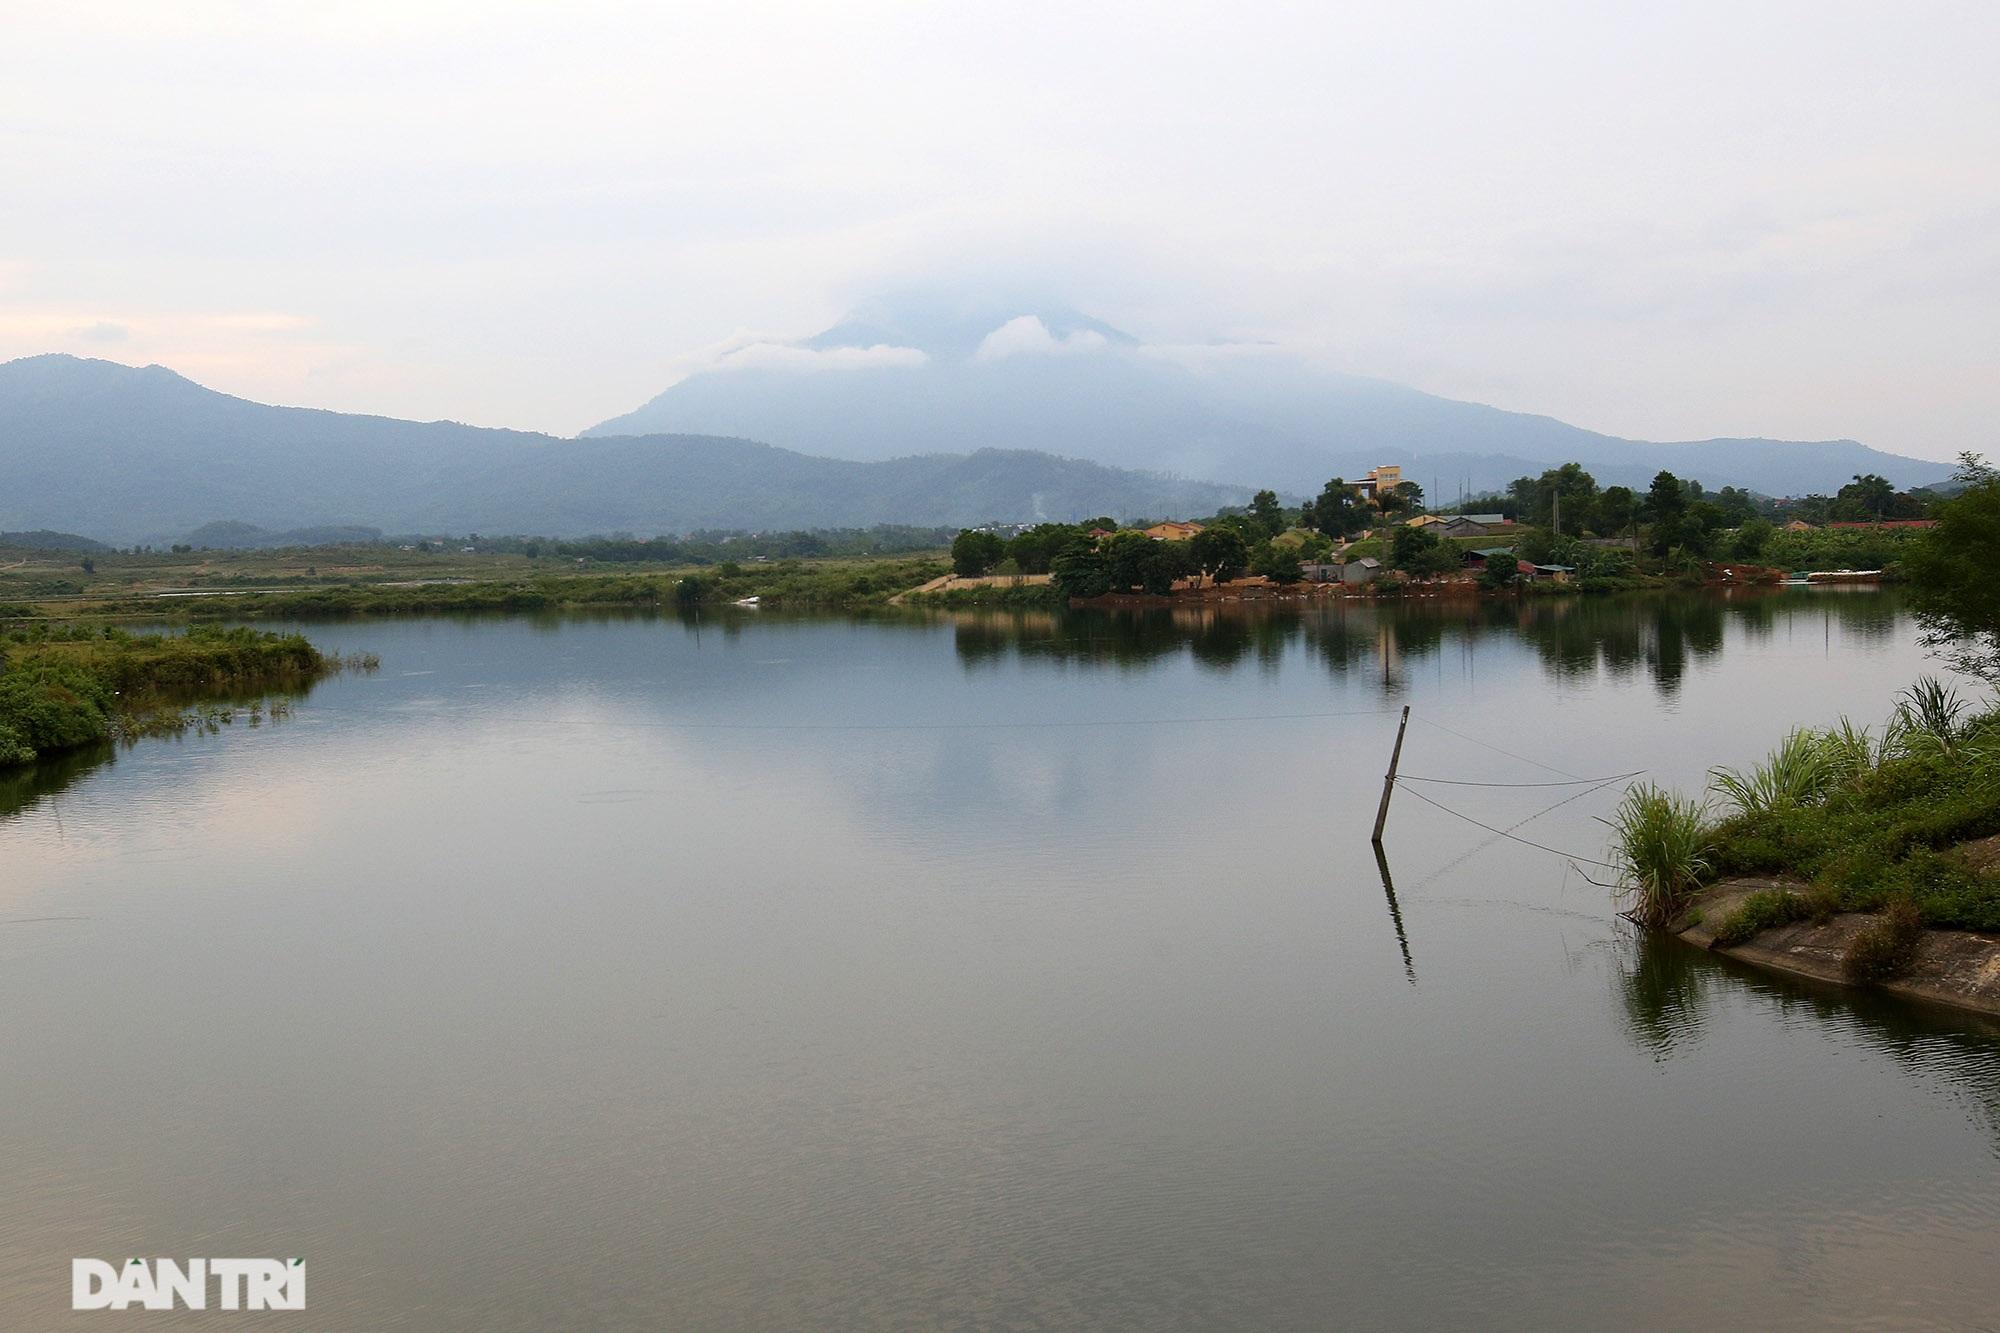 Núi thiêng gần Hà Nội đẹp mê mải nhìn từ muôn phương tám hướng - 5